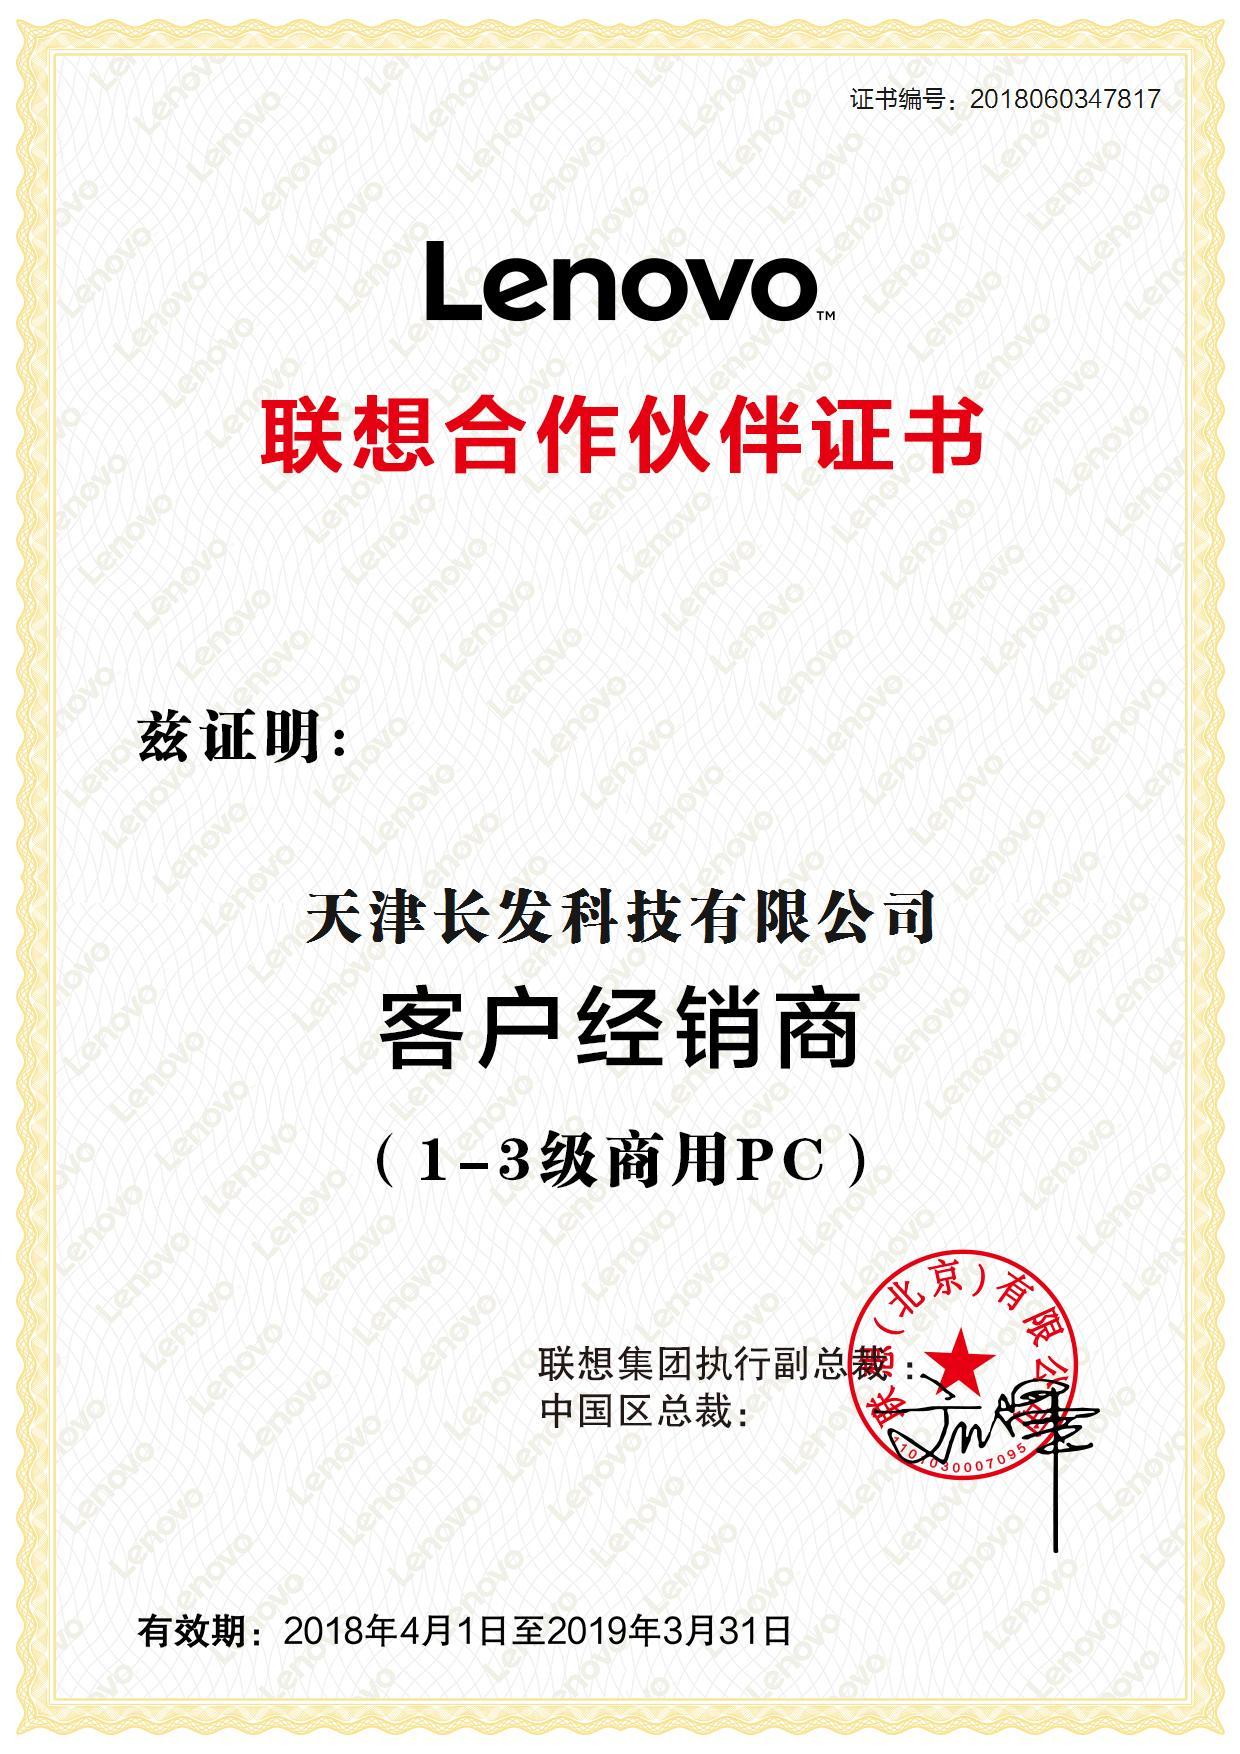 联想合作伙伴客户经销商1-3级商用PC